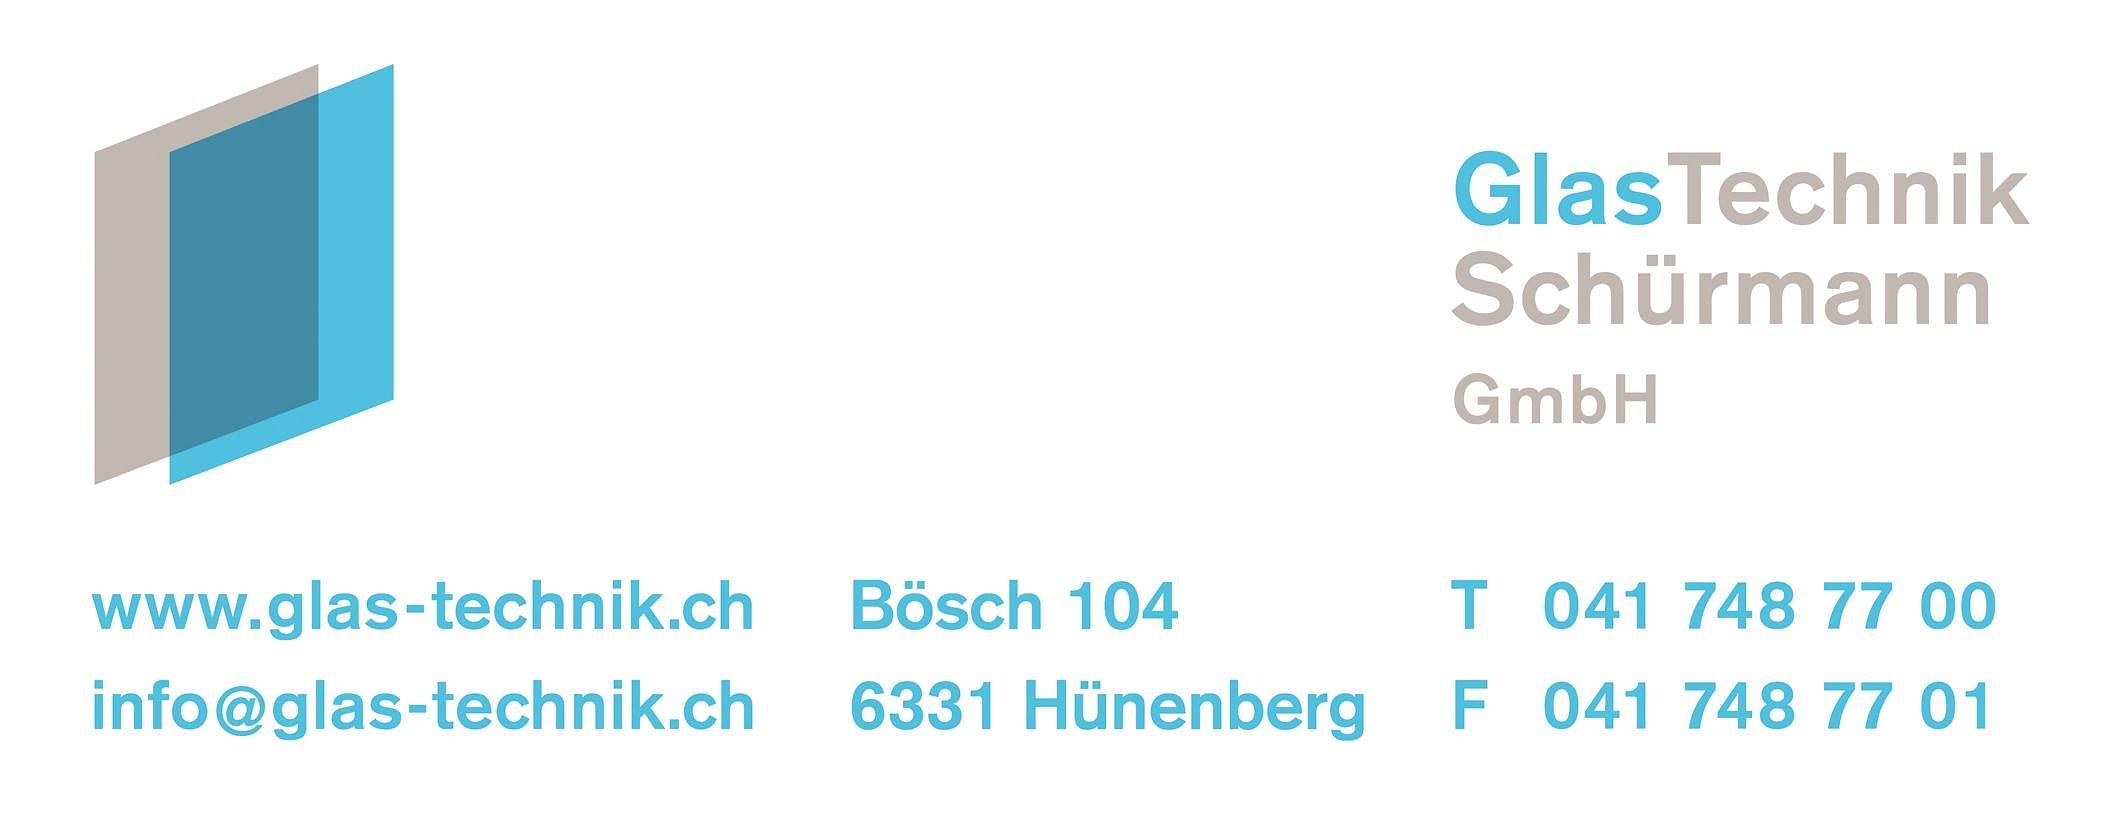 Glastechnik Schürmann GmbH